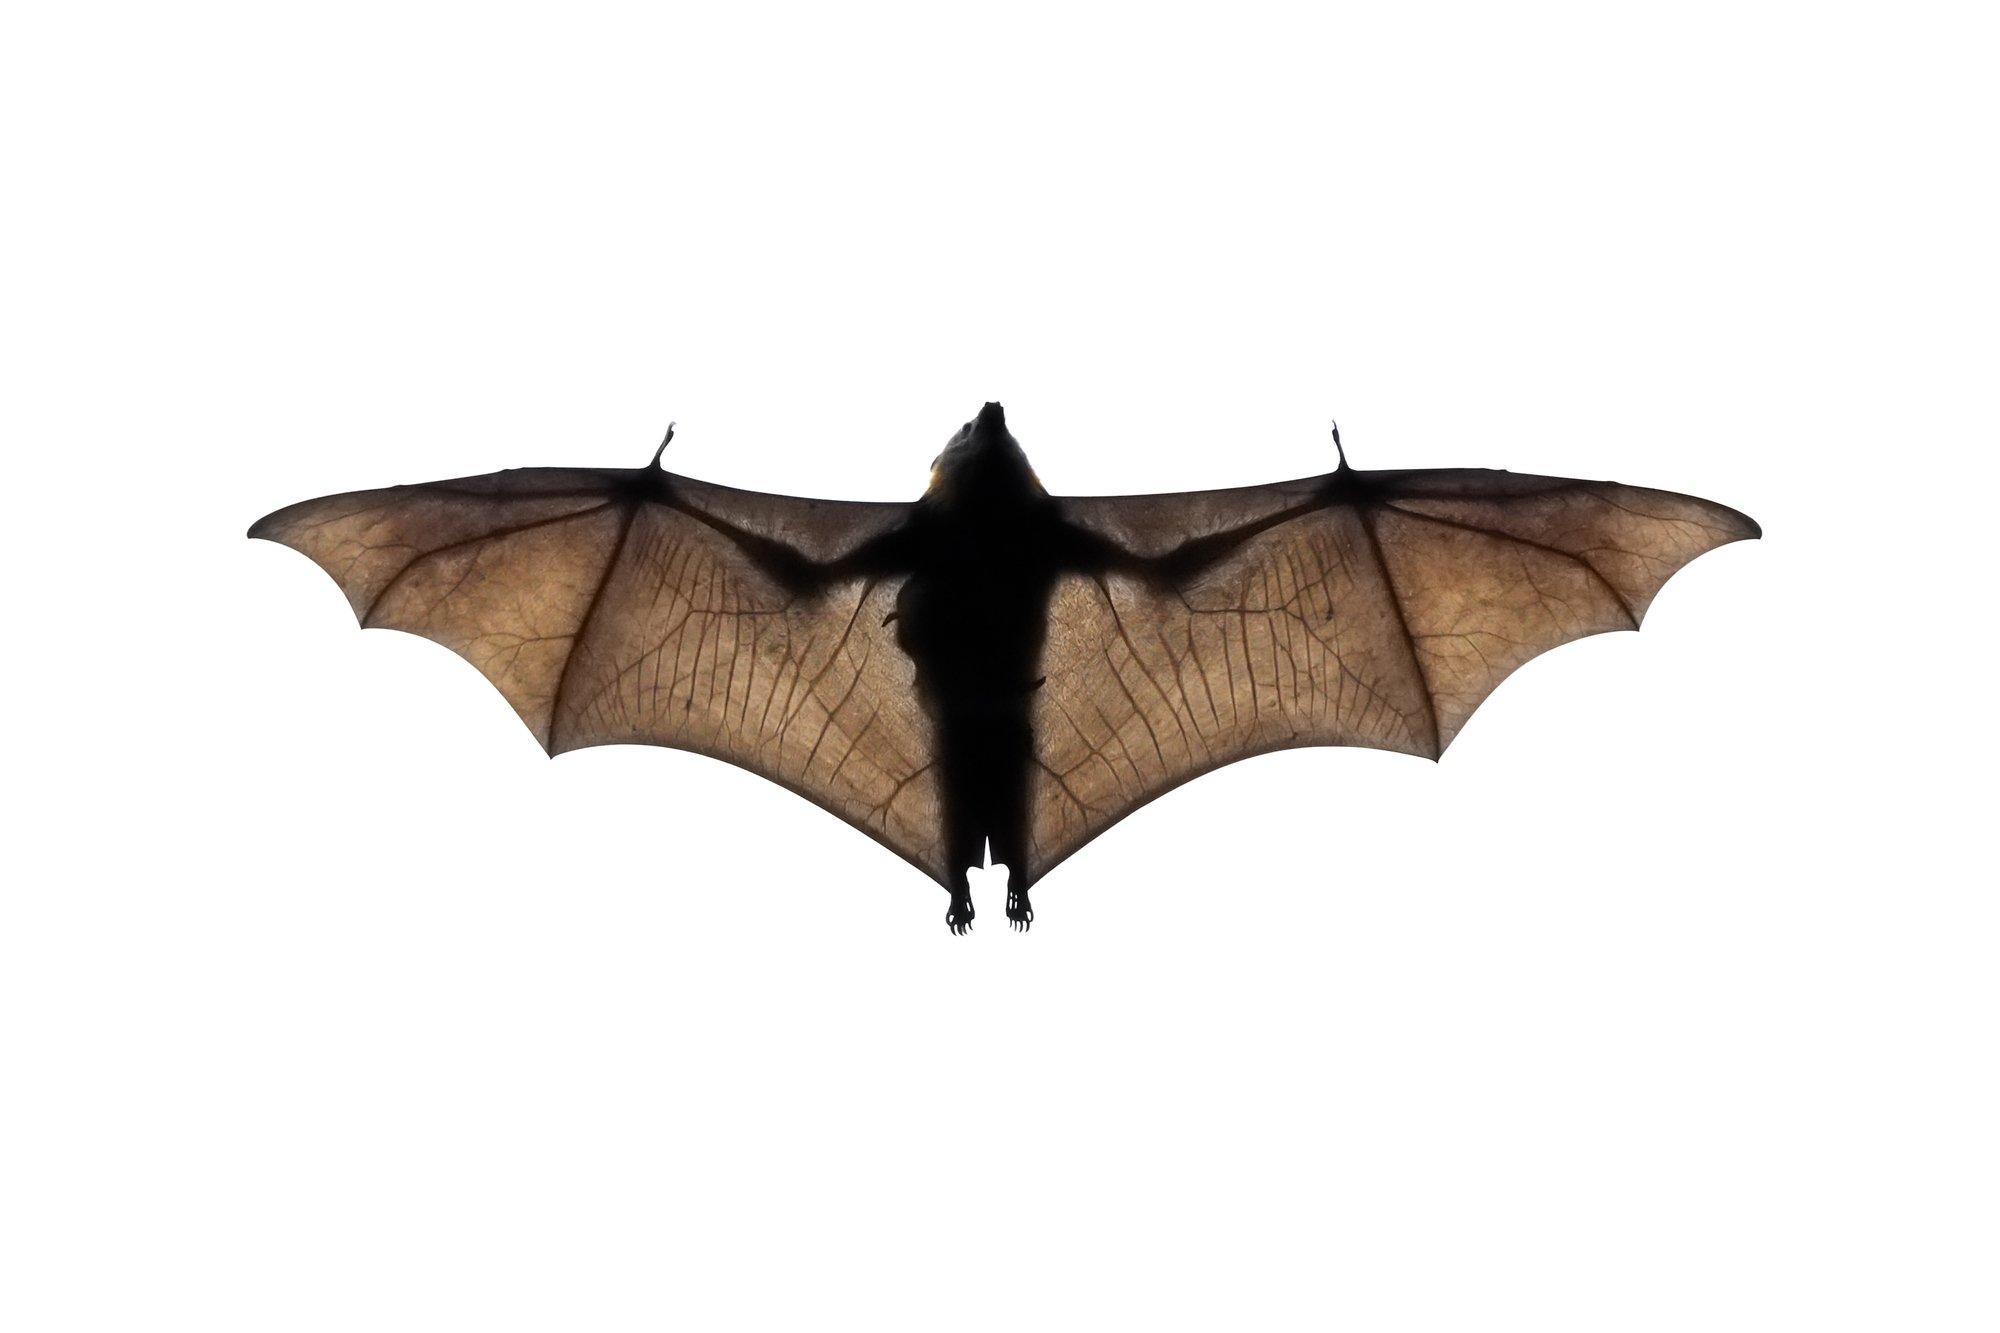 New York's Indiana Bats